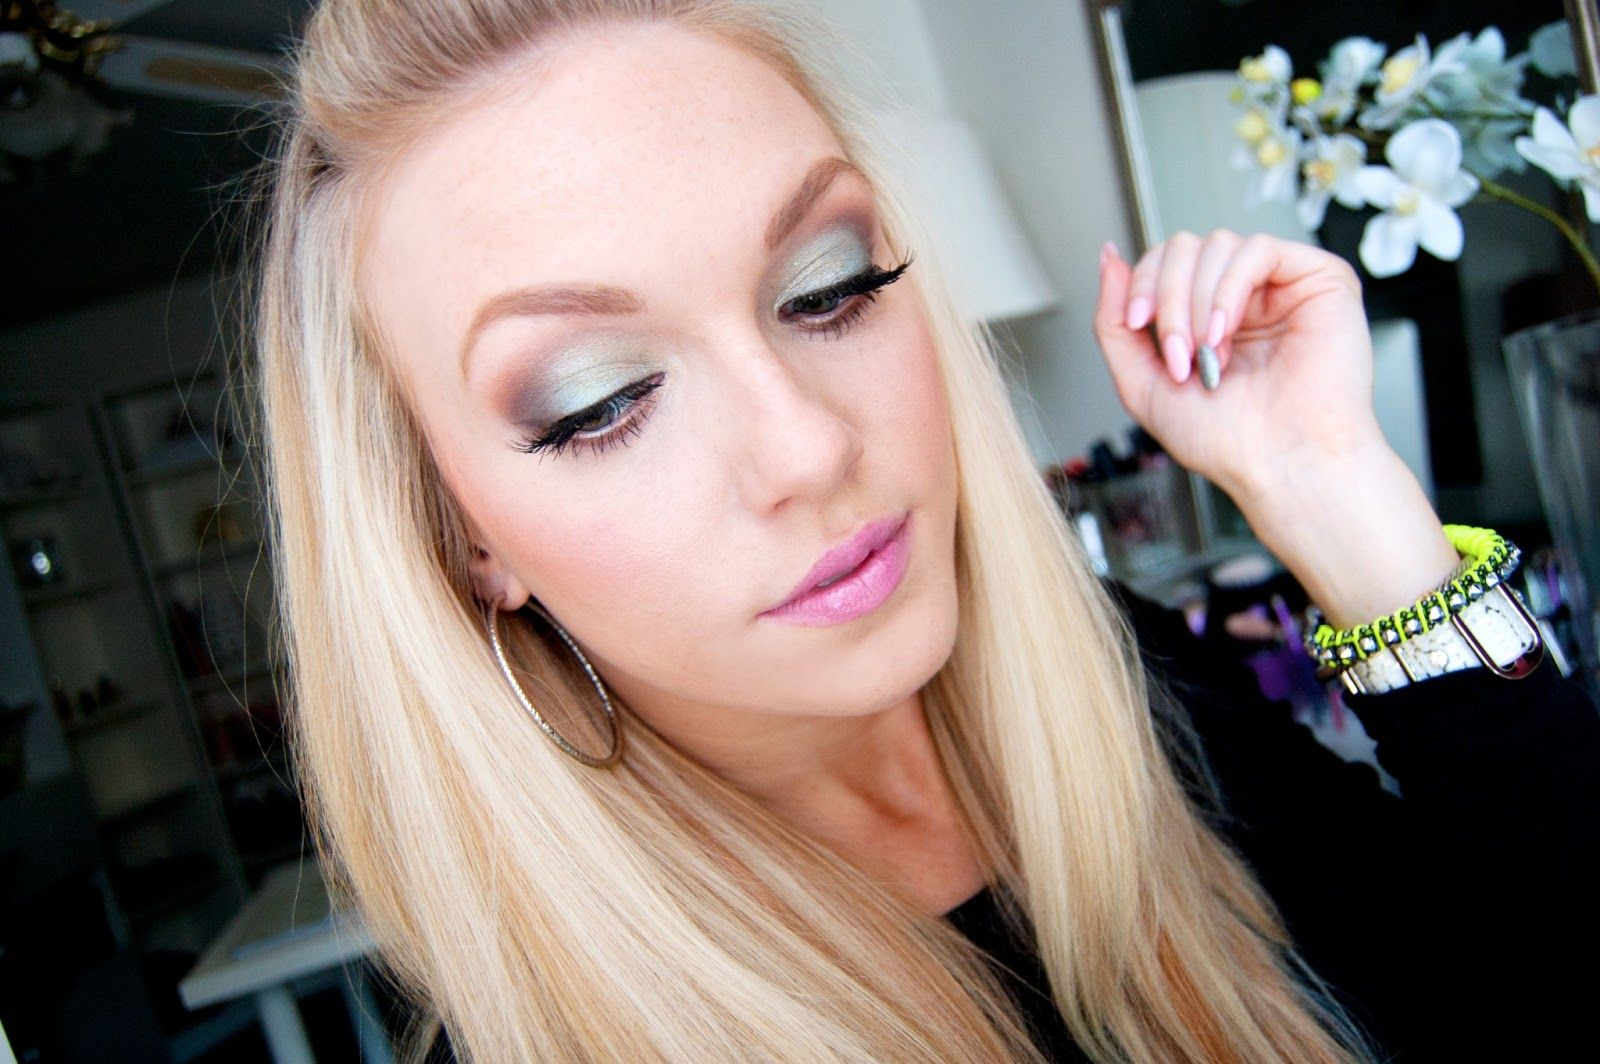 Makeup By Alli Nyx jumbo eye pencil, Maybelline eye